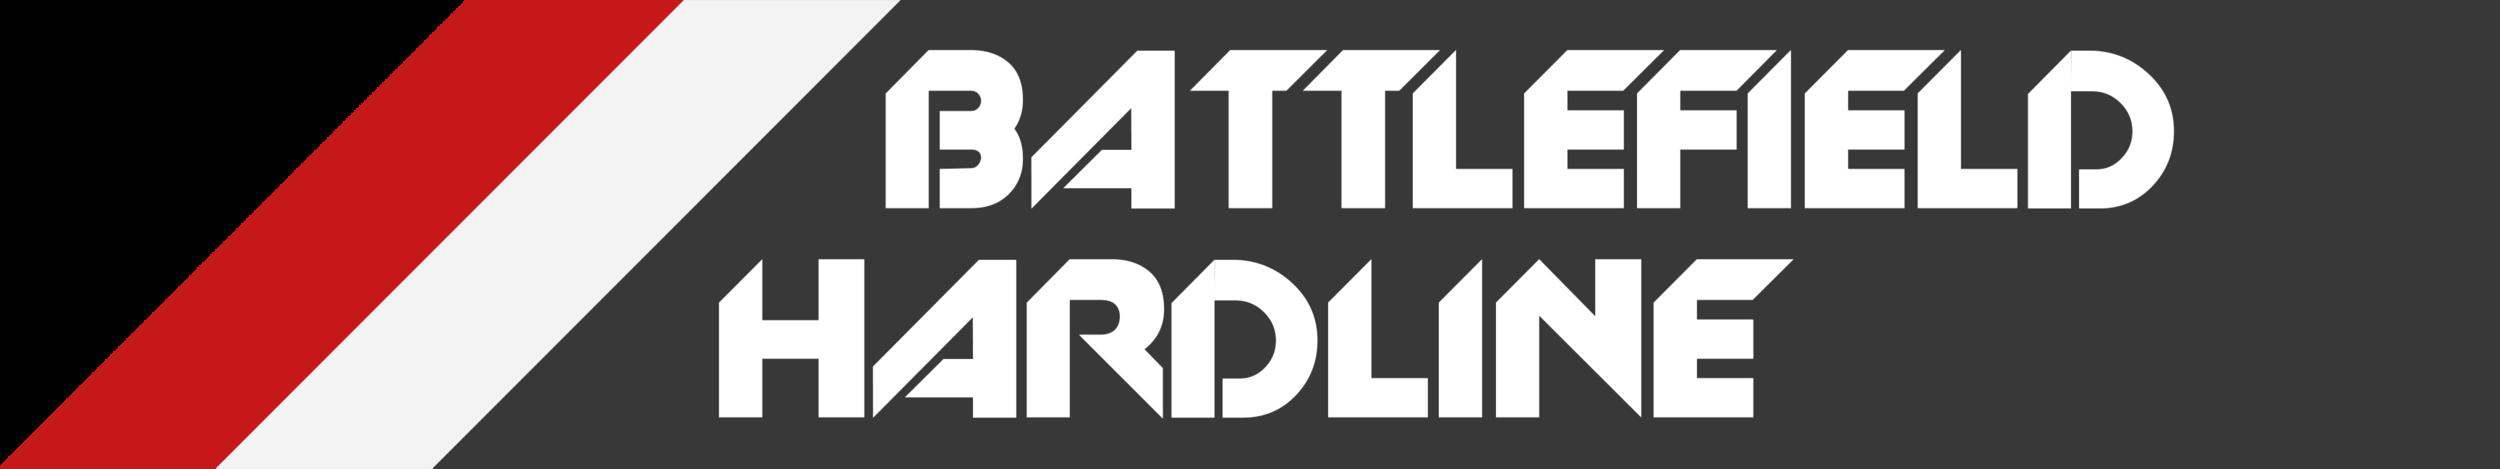 Battlefield Hardline.png